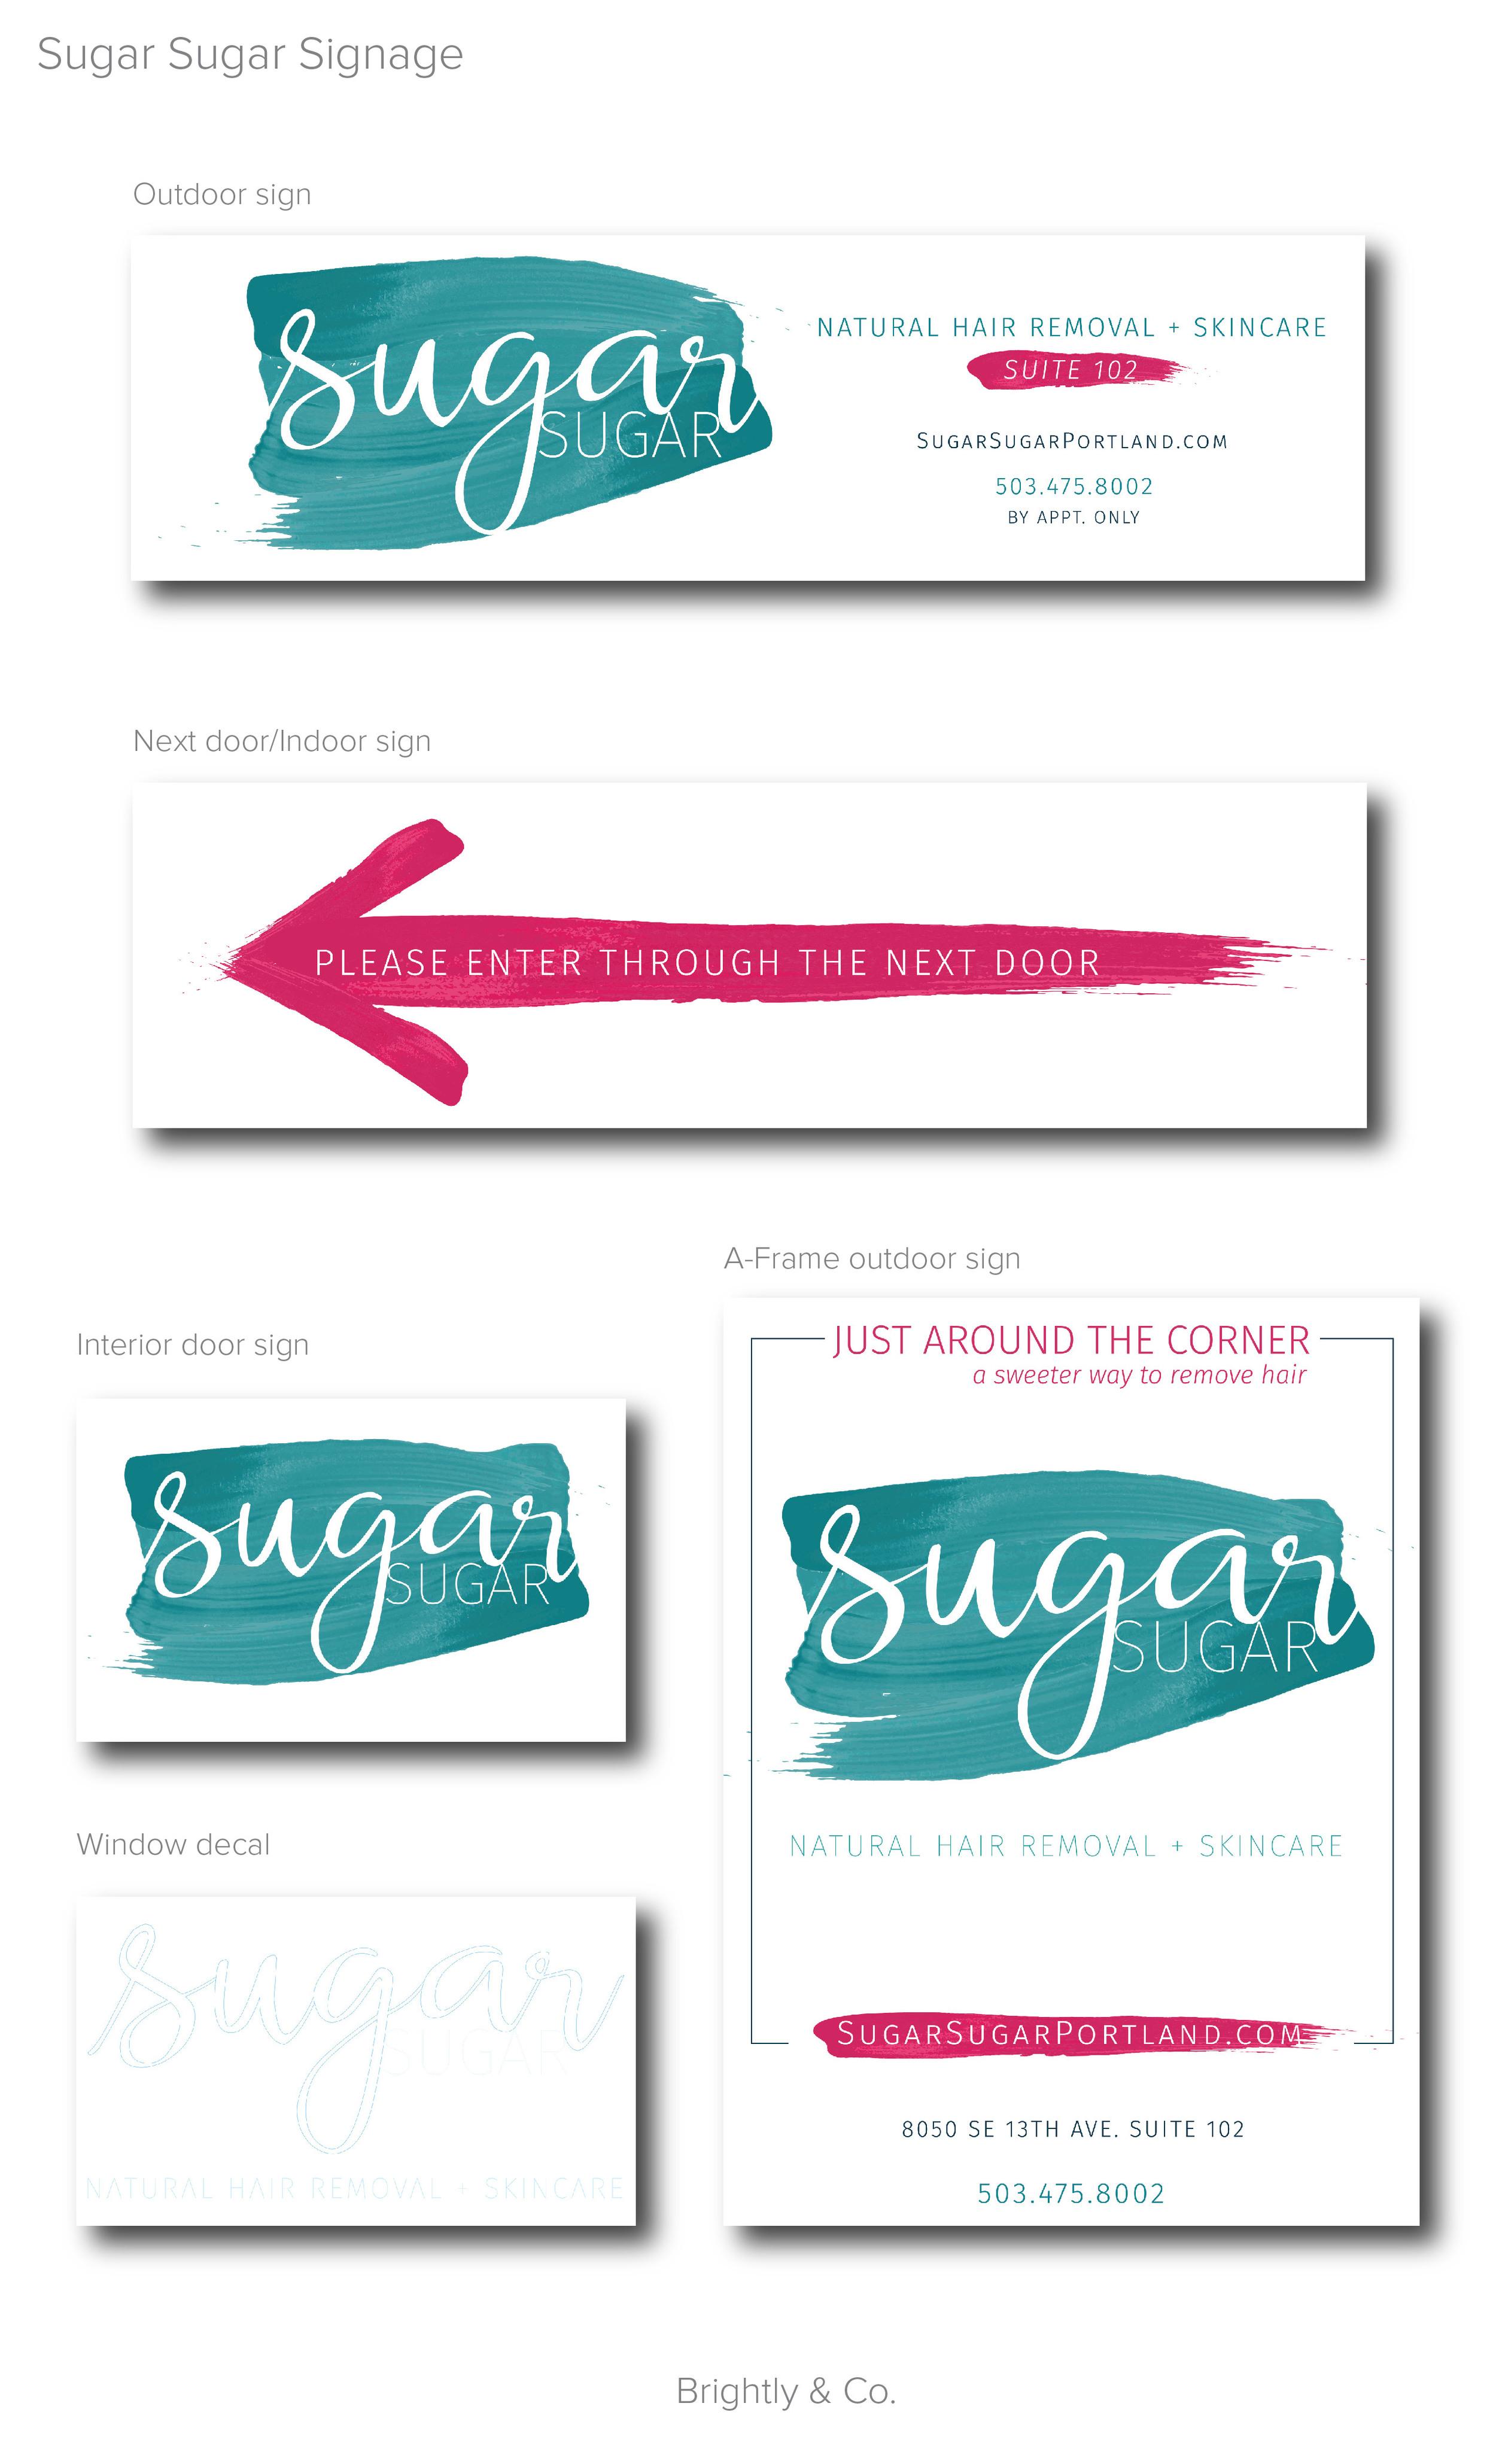 Sugar Sugar Portland Signs designed by Brightly & Co.